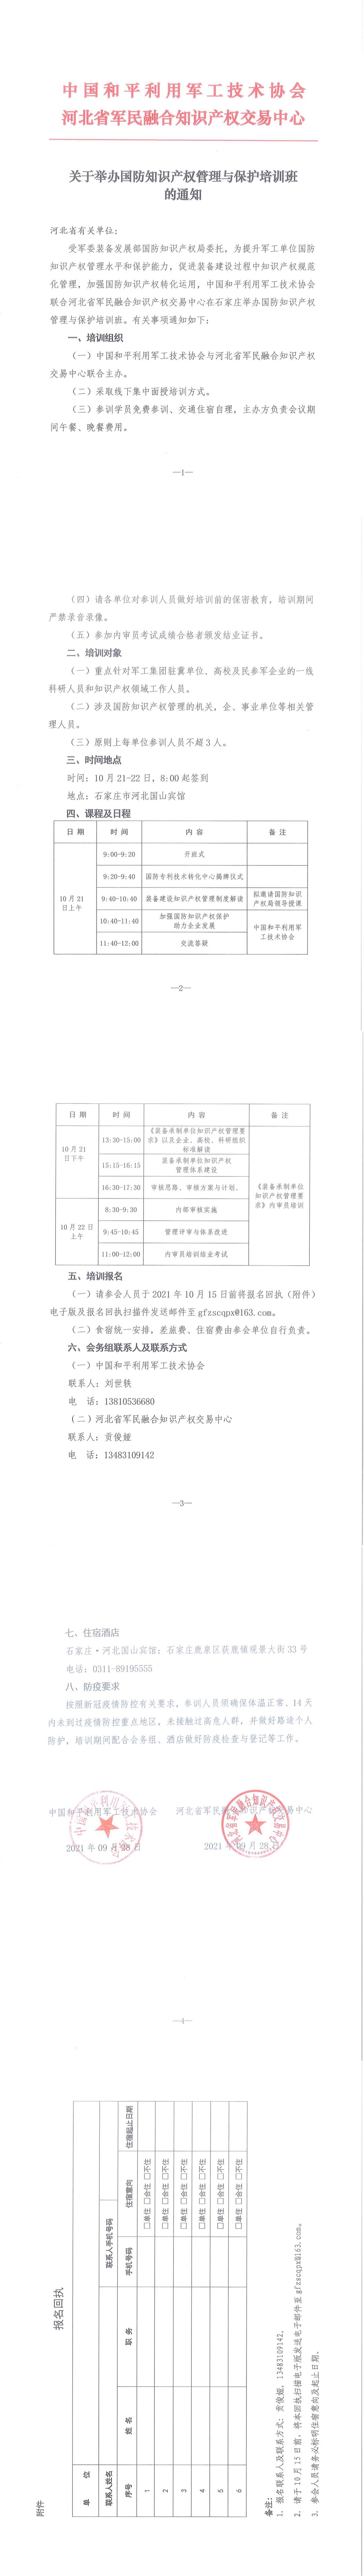 关于举办河北省企业国防知识产权管理与保护培训班的通知_00.png